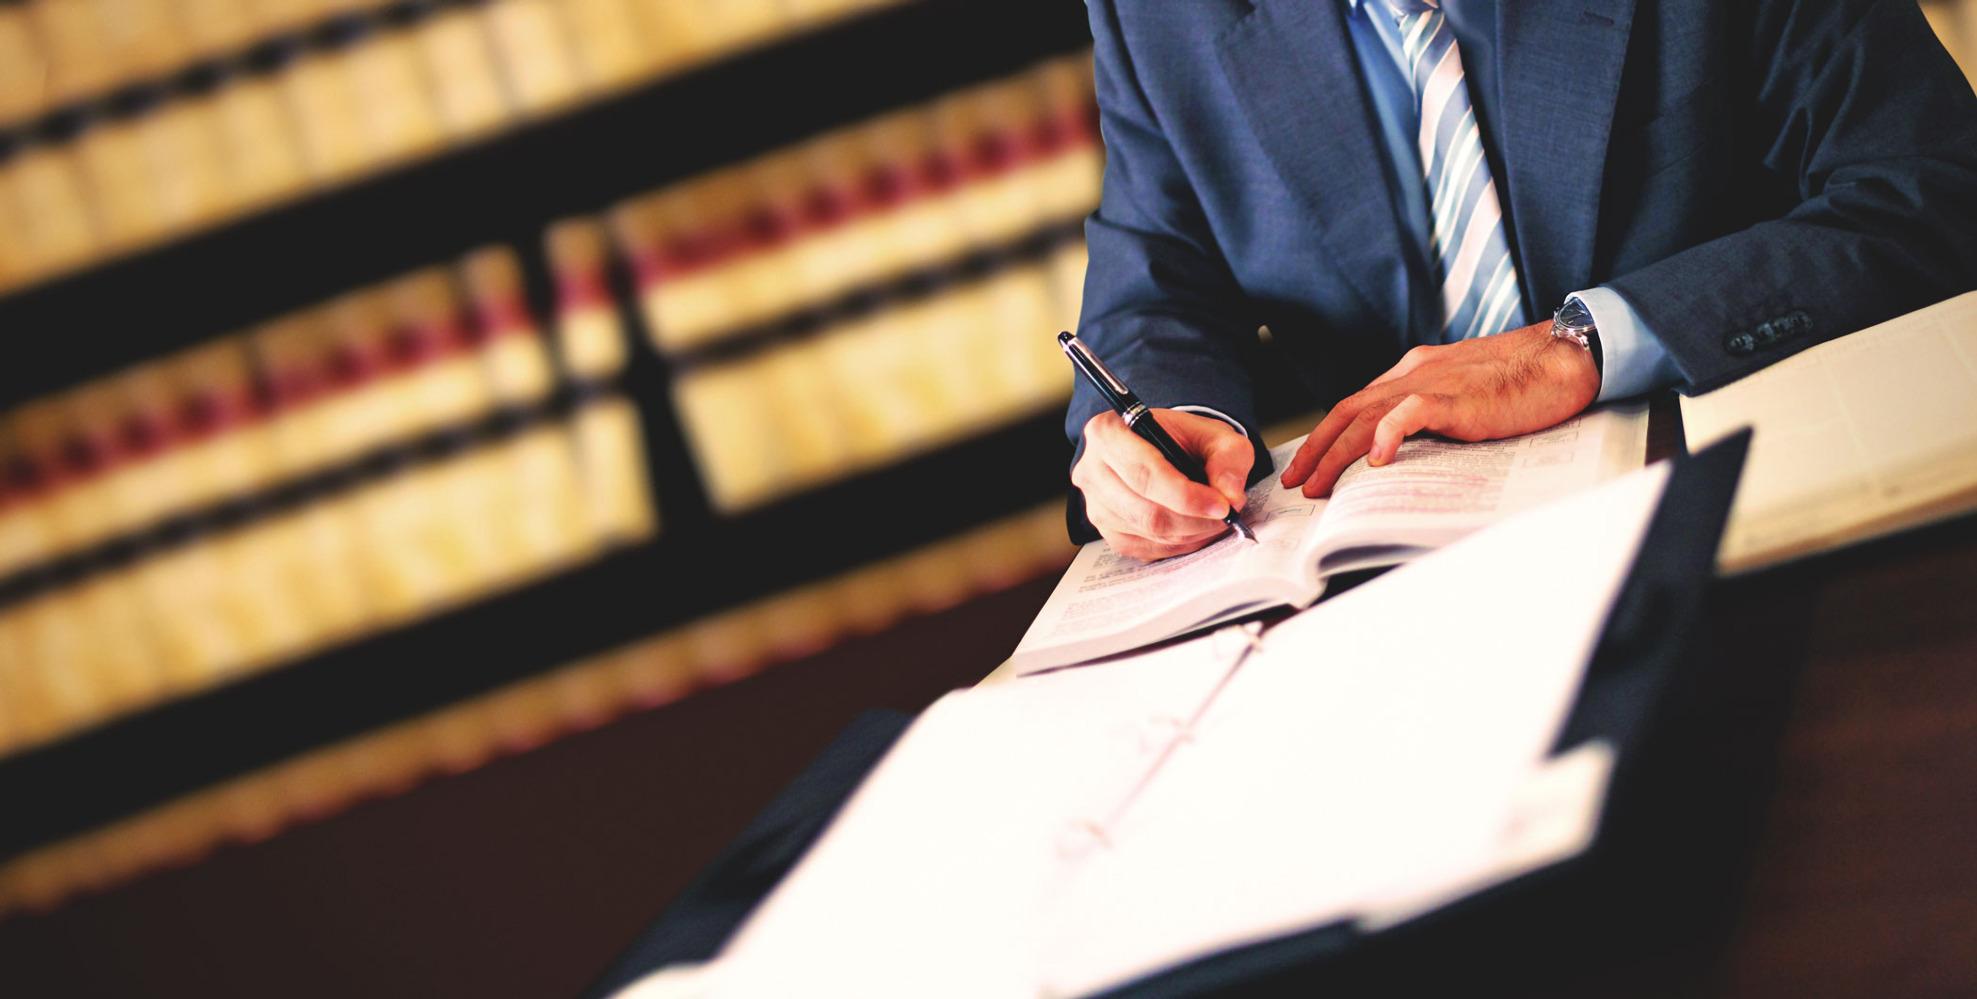 Руководитель Бюро по надзору за соблюдением прав предпринимателей и инвесторов при ПКО «ОПОРА РОССИИ» проведет прием предпринимателей Приморья